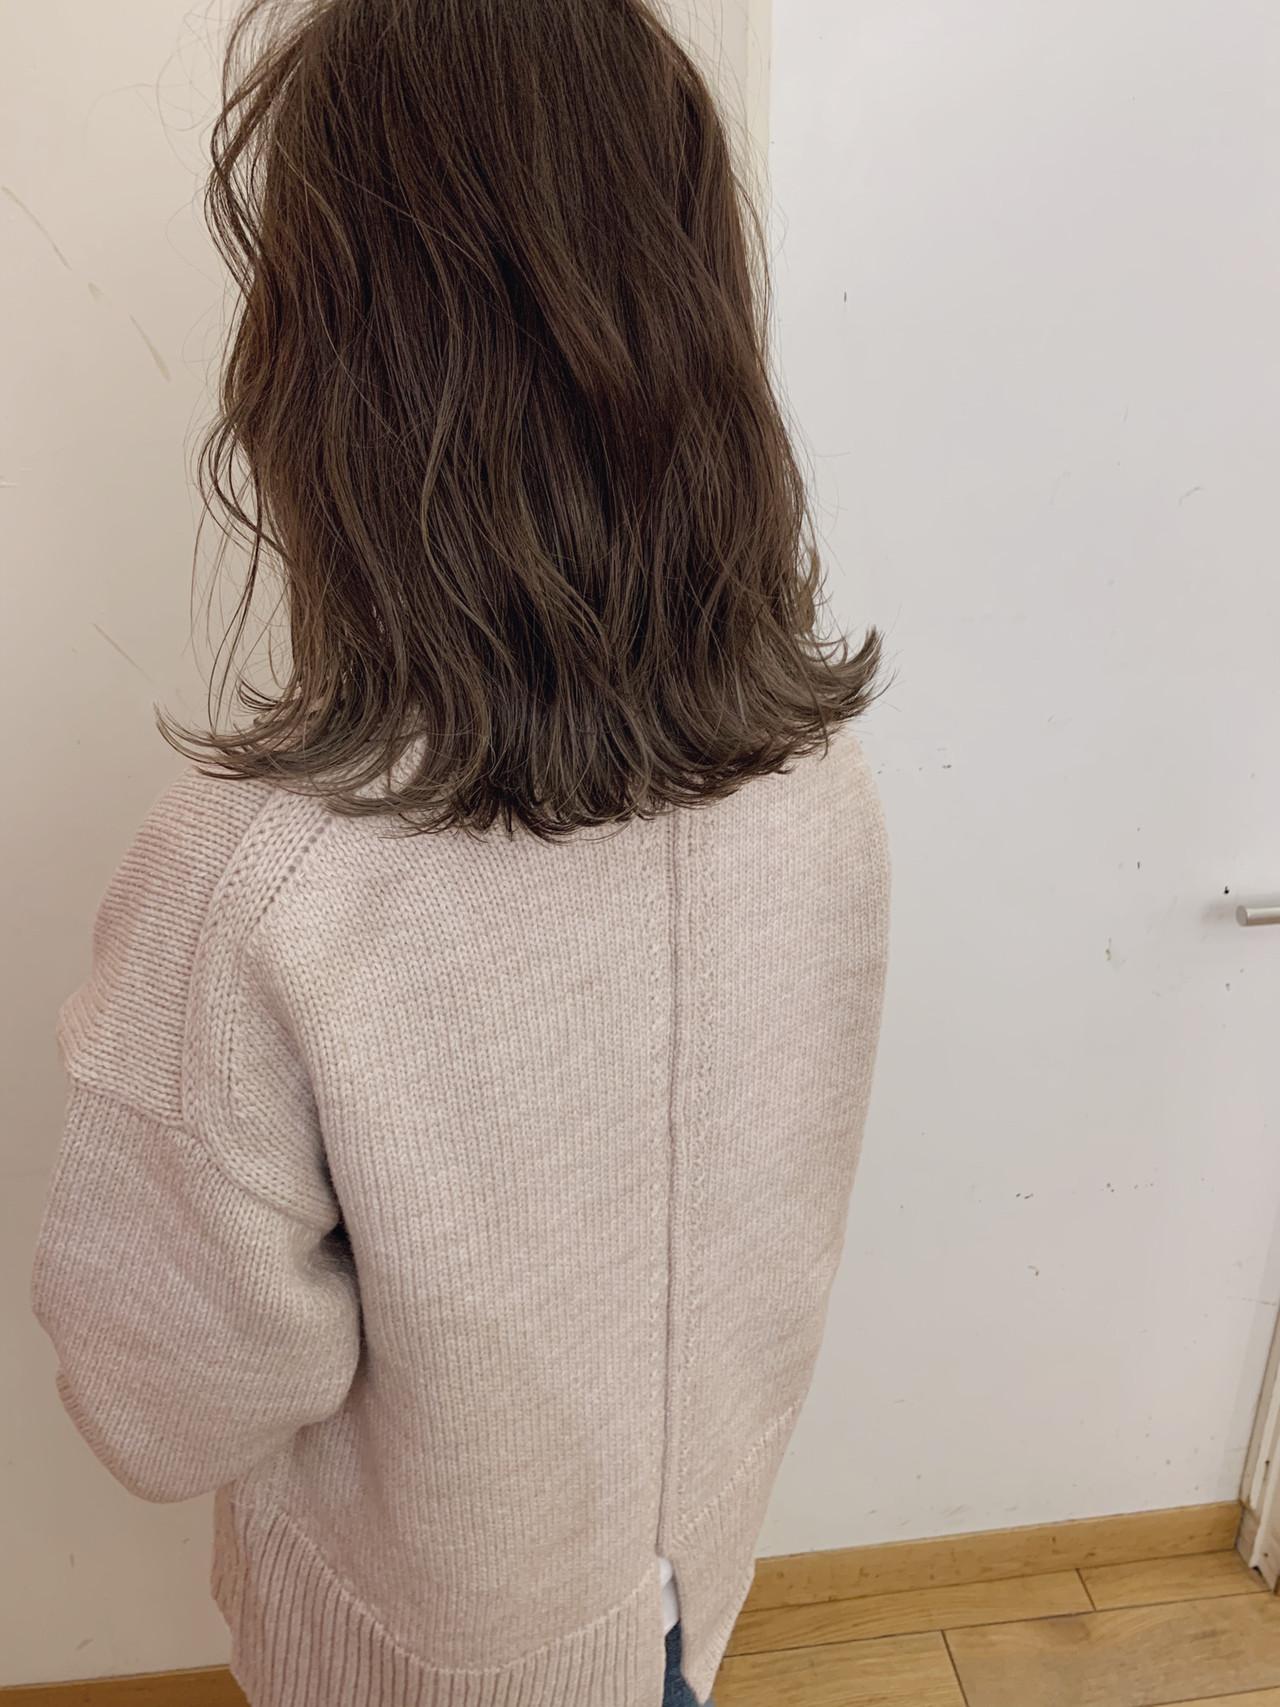 ゆるふわ アンニュイほつれヘア 大人かわいい 切りっぱなしボブ ヘアスタイルや髪型の写真・画像 | yumiko/sapporoSKNOW / SKNOW